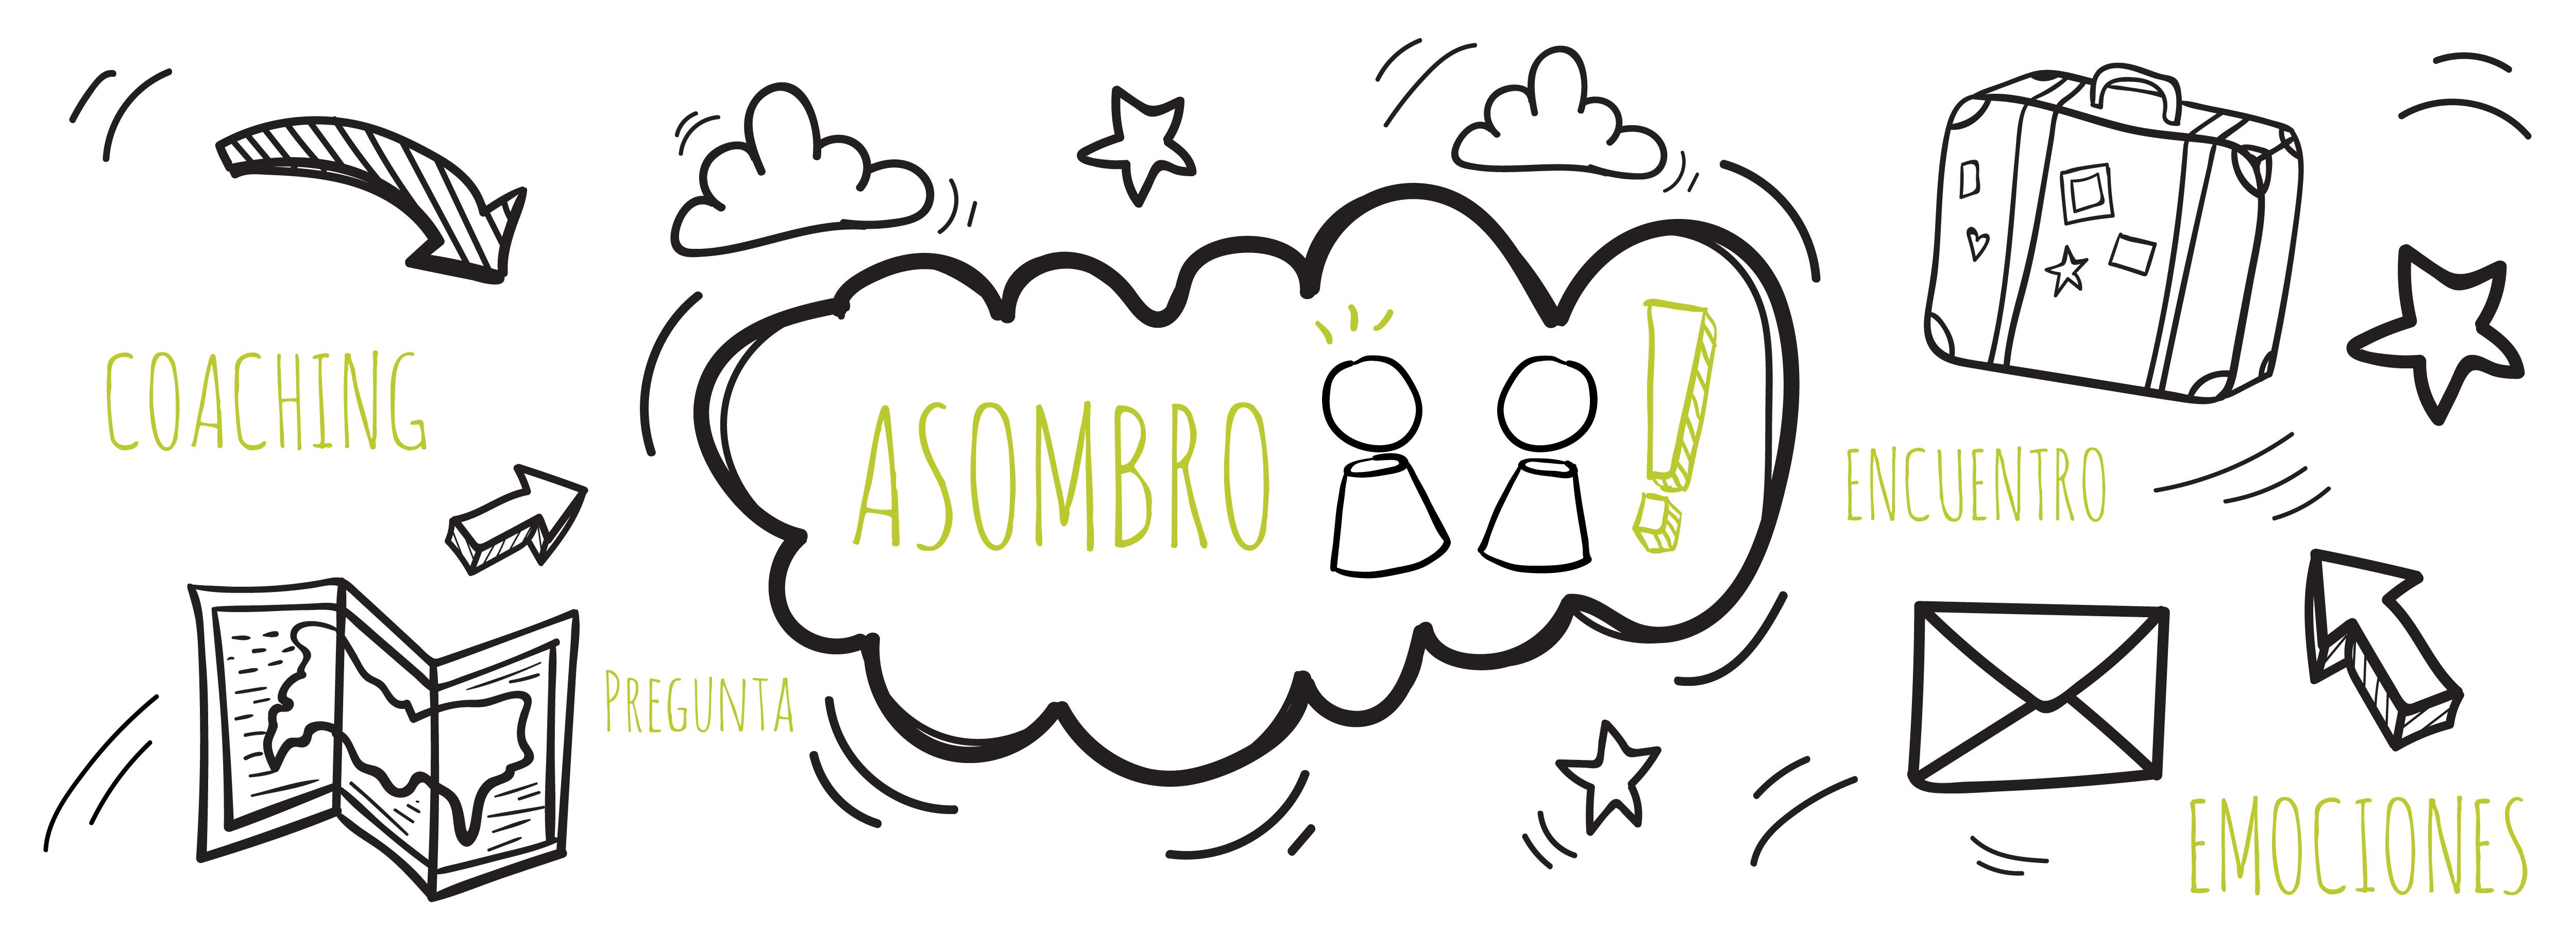 El ASOMBRO: mis primeros pasos en el mundo del COACHING